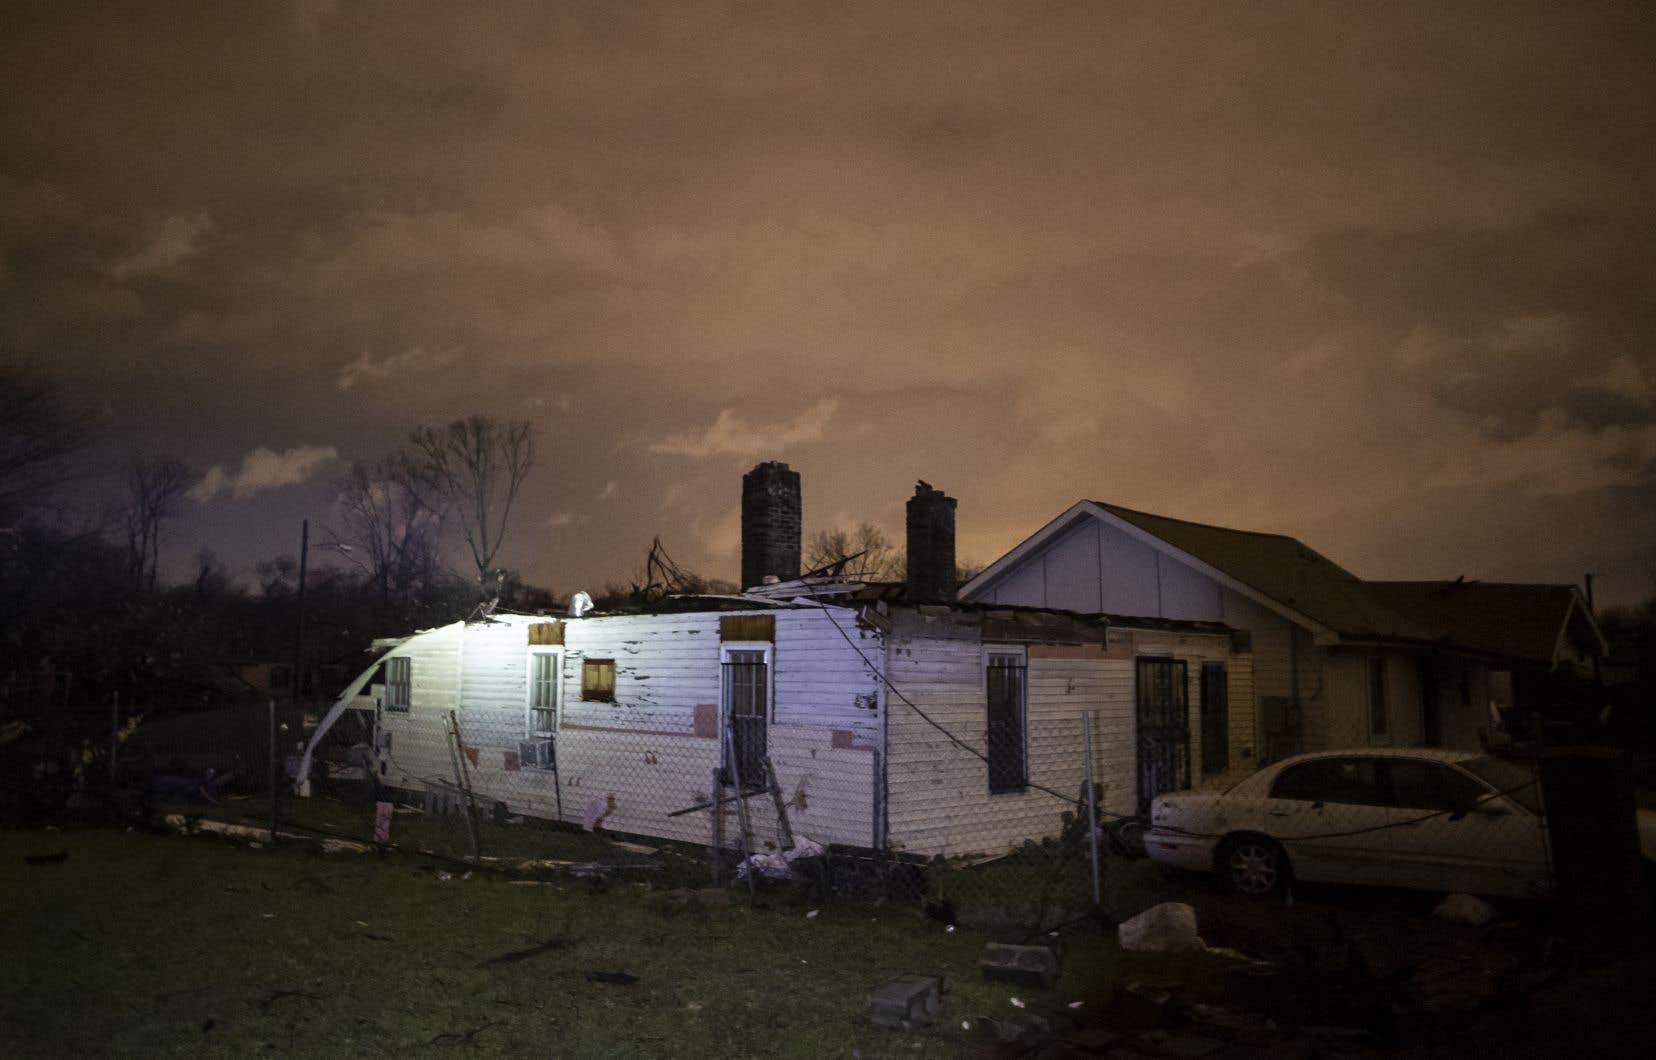 Des images diffusées par les médias locaux montraient des bâtiments entièrement détruits après le passage des tornades dans la nuit de lundi à mardi.